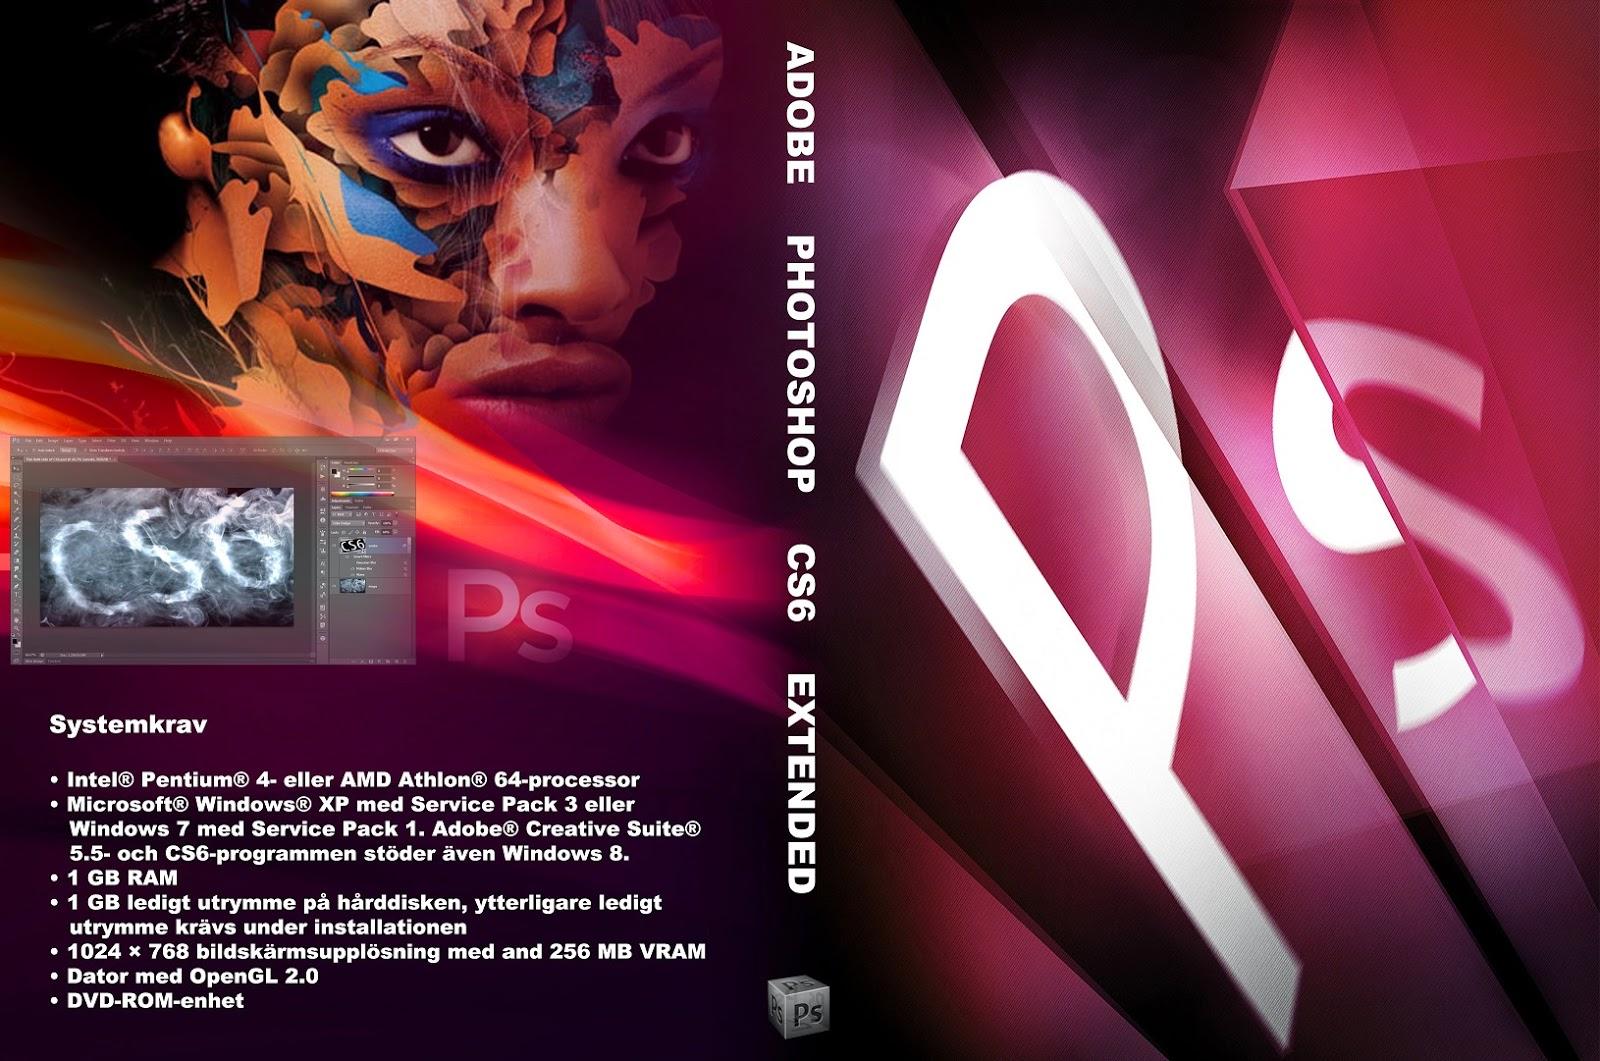 download photoshop cs6 english language pack